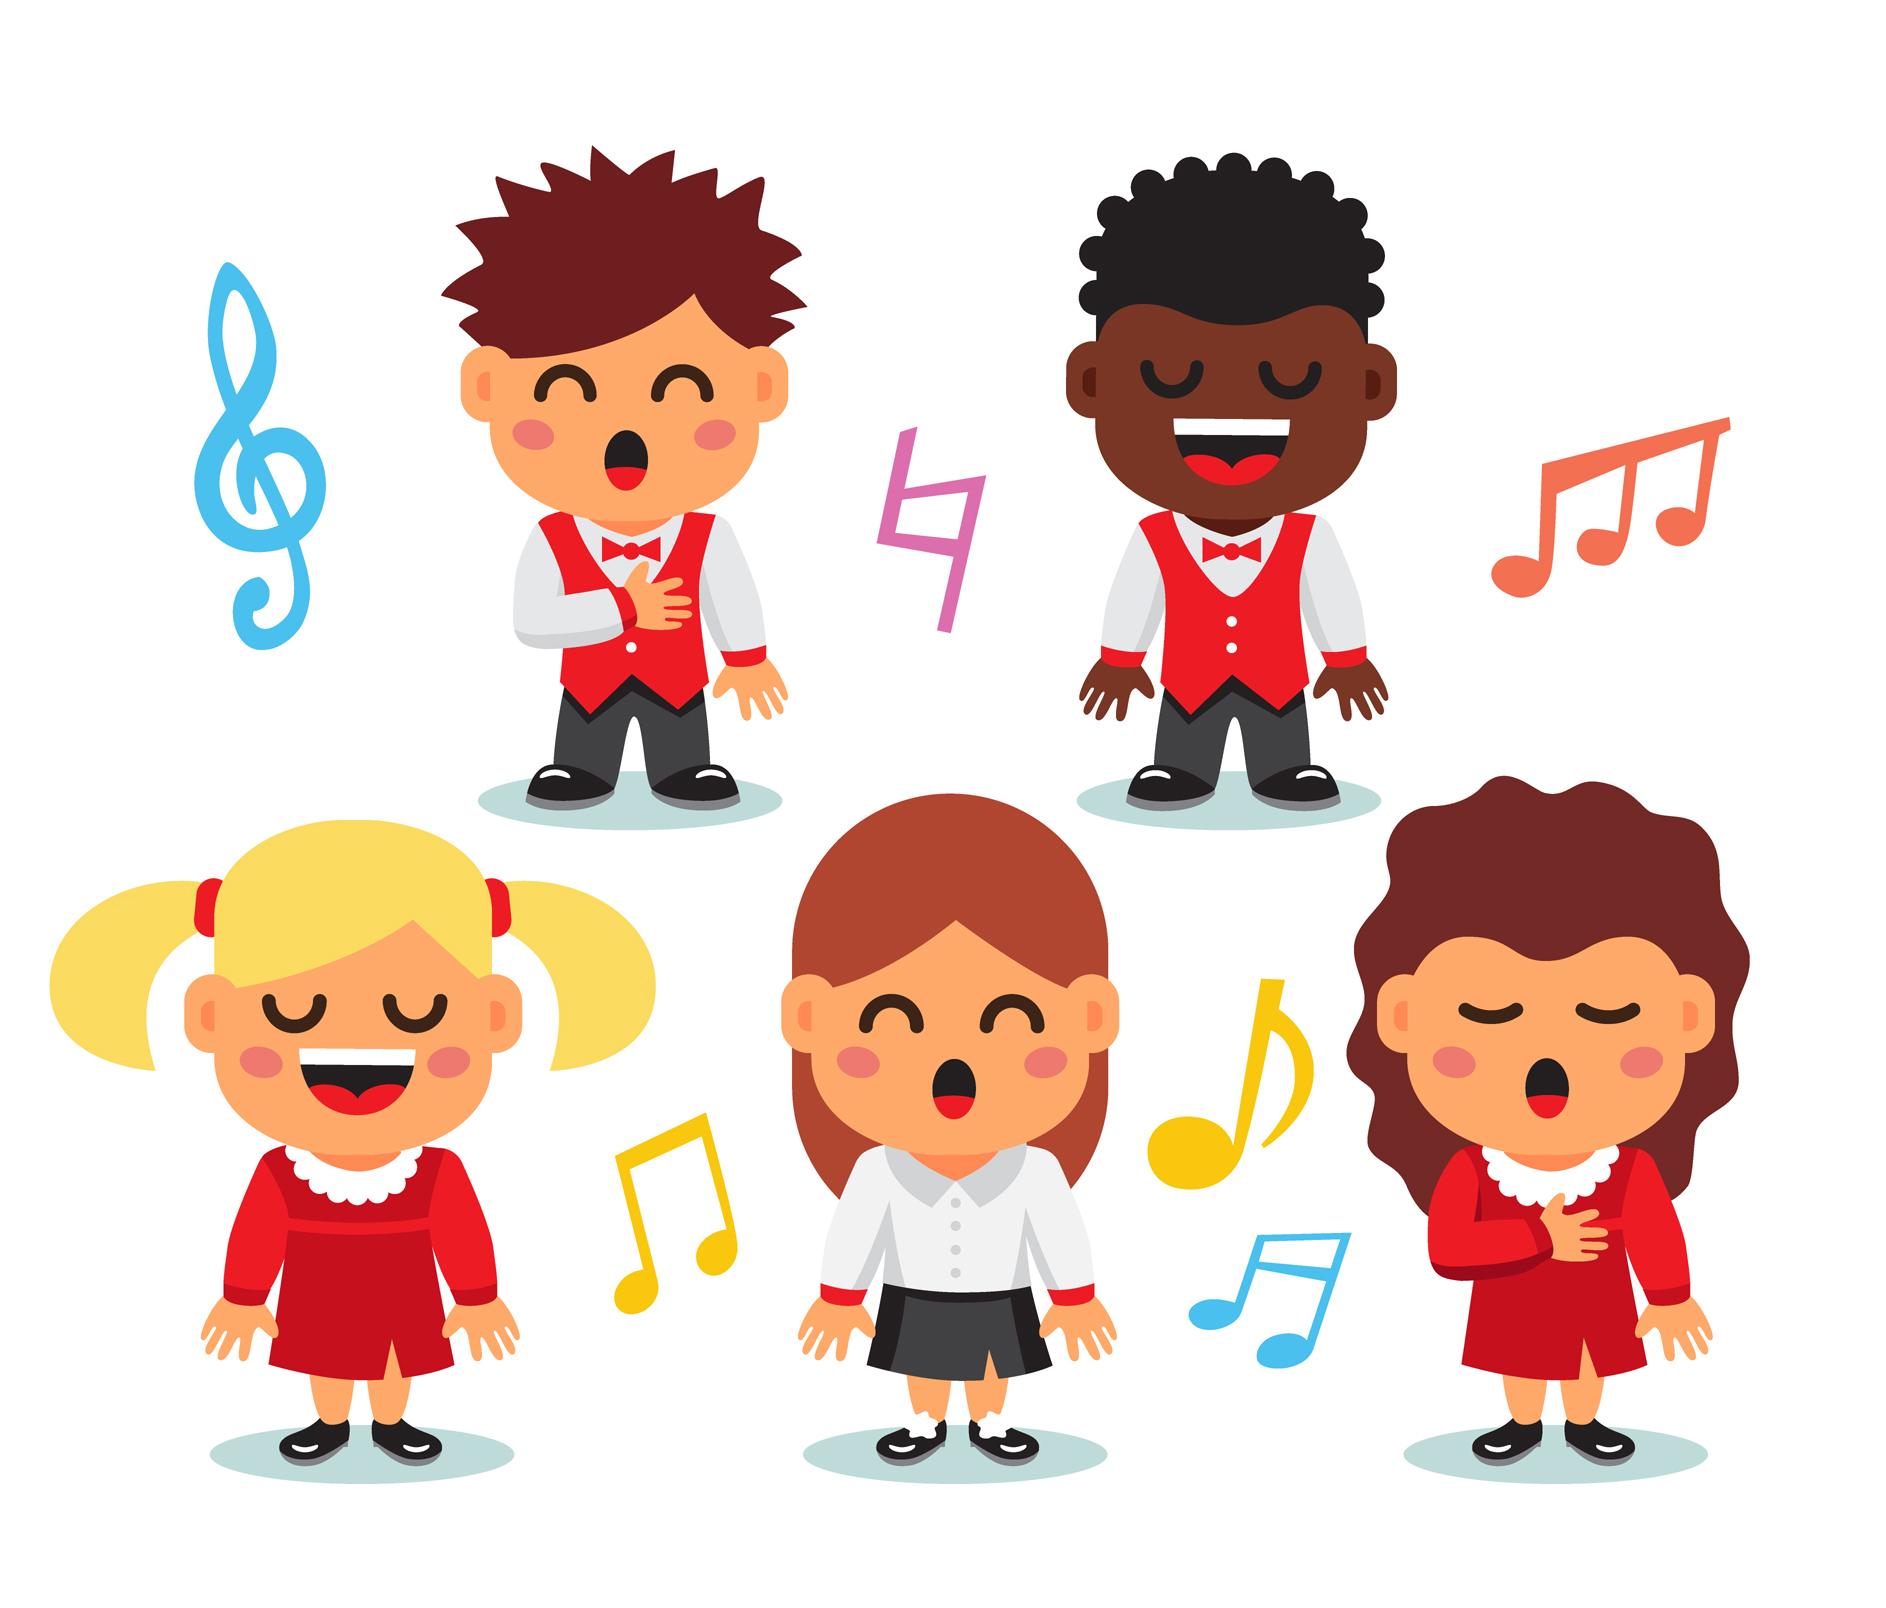 #3 – We sing!